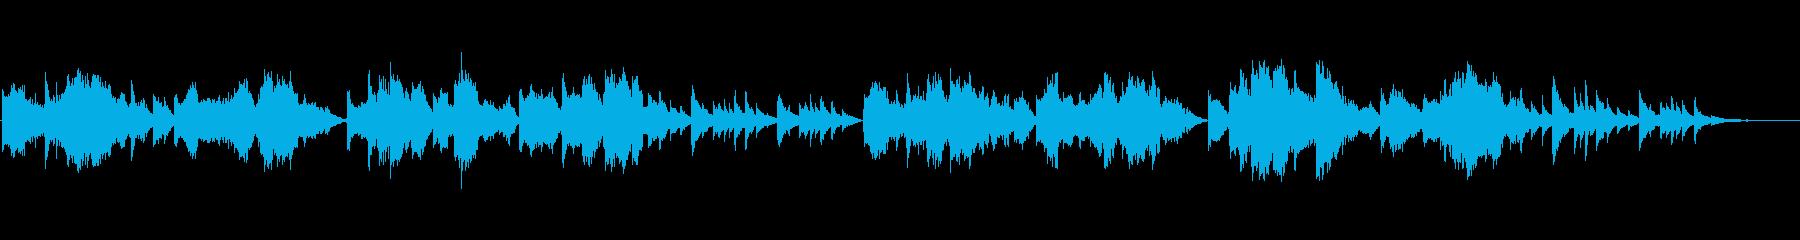 クラシックの子守歌をヴァイオリンで①の再生済みの波形